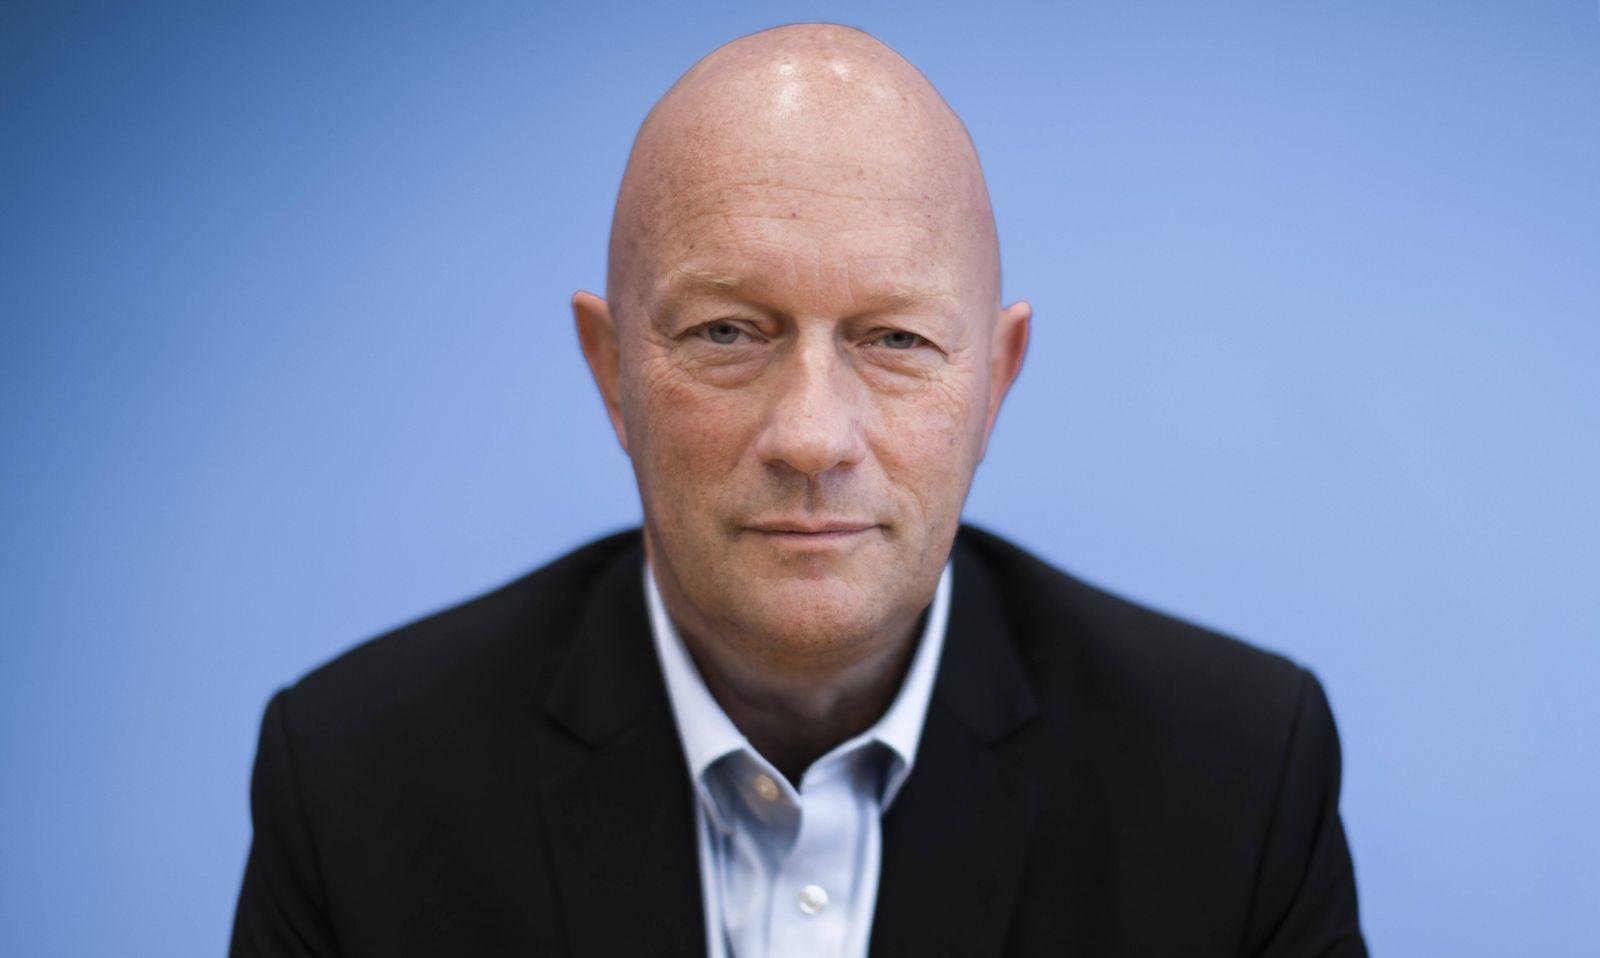 Thomas Kemmerich, Spitzenkandidat der FDP in Thueringen, bei einer Pressekonferenz, anlaesslich der Auswirkungen der Lan